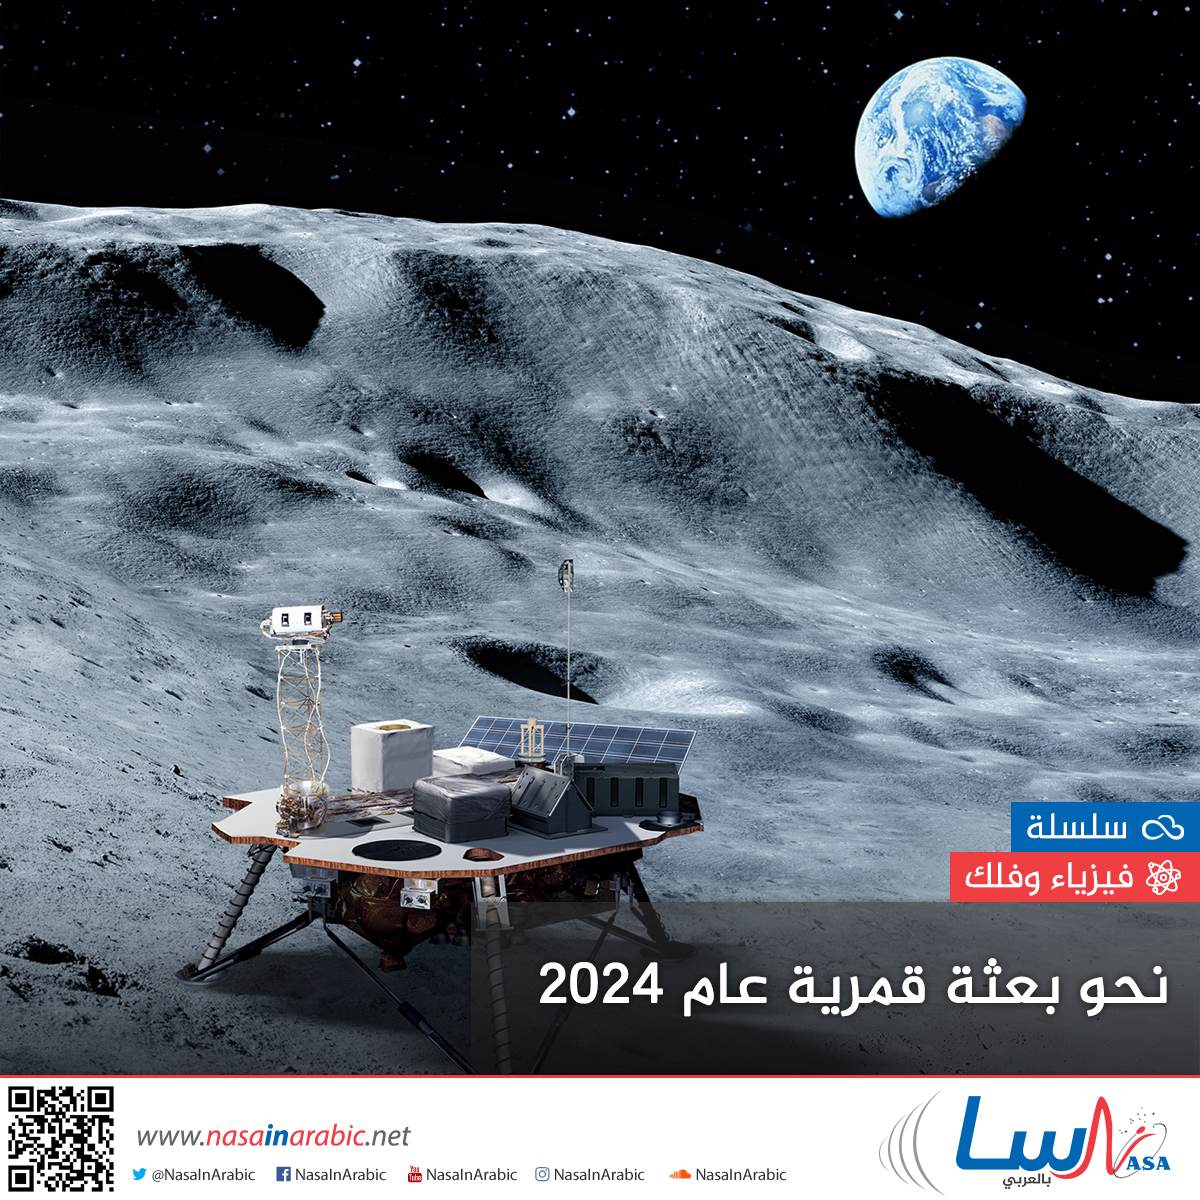 نحو بعثة قمرية عام 2024